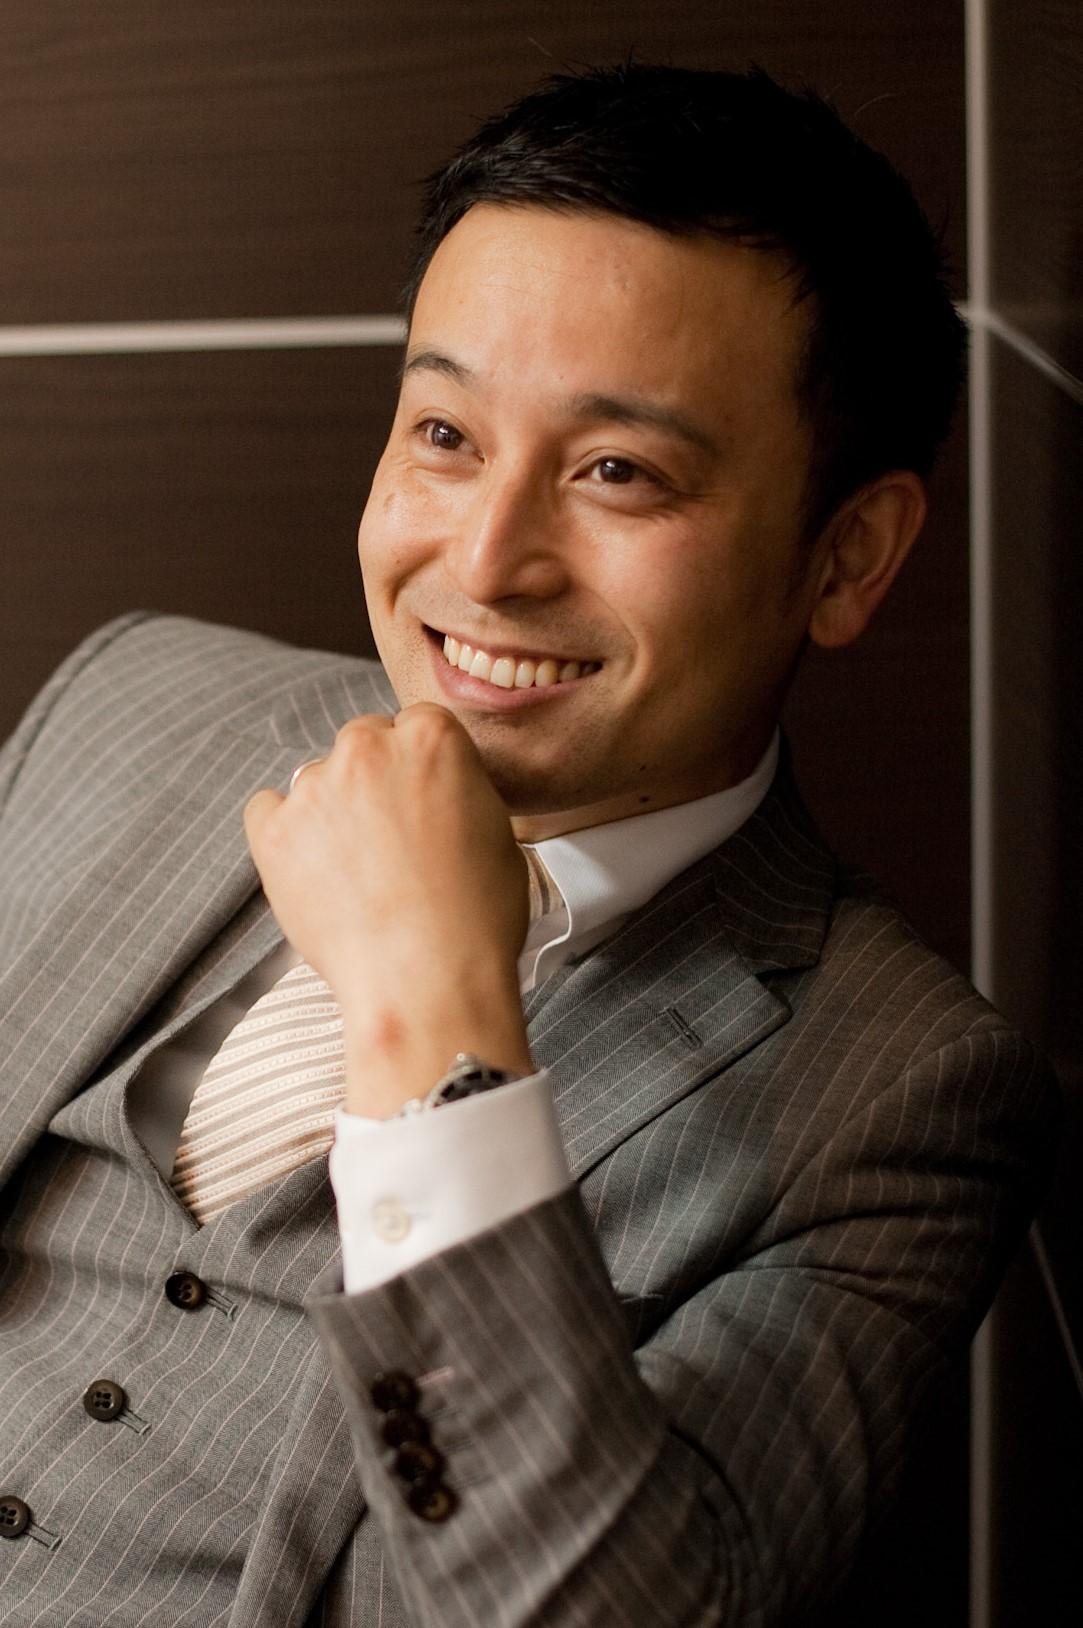 株式会社HG&カンパニー / はぎぐち公認会計士・税理士事務所 萩口 義治